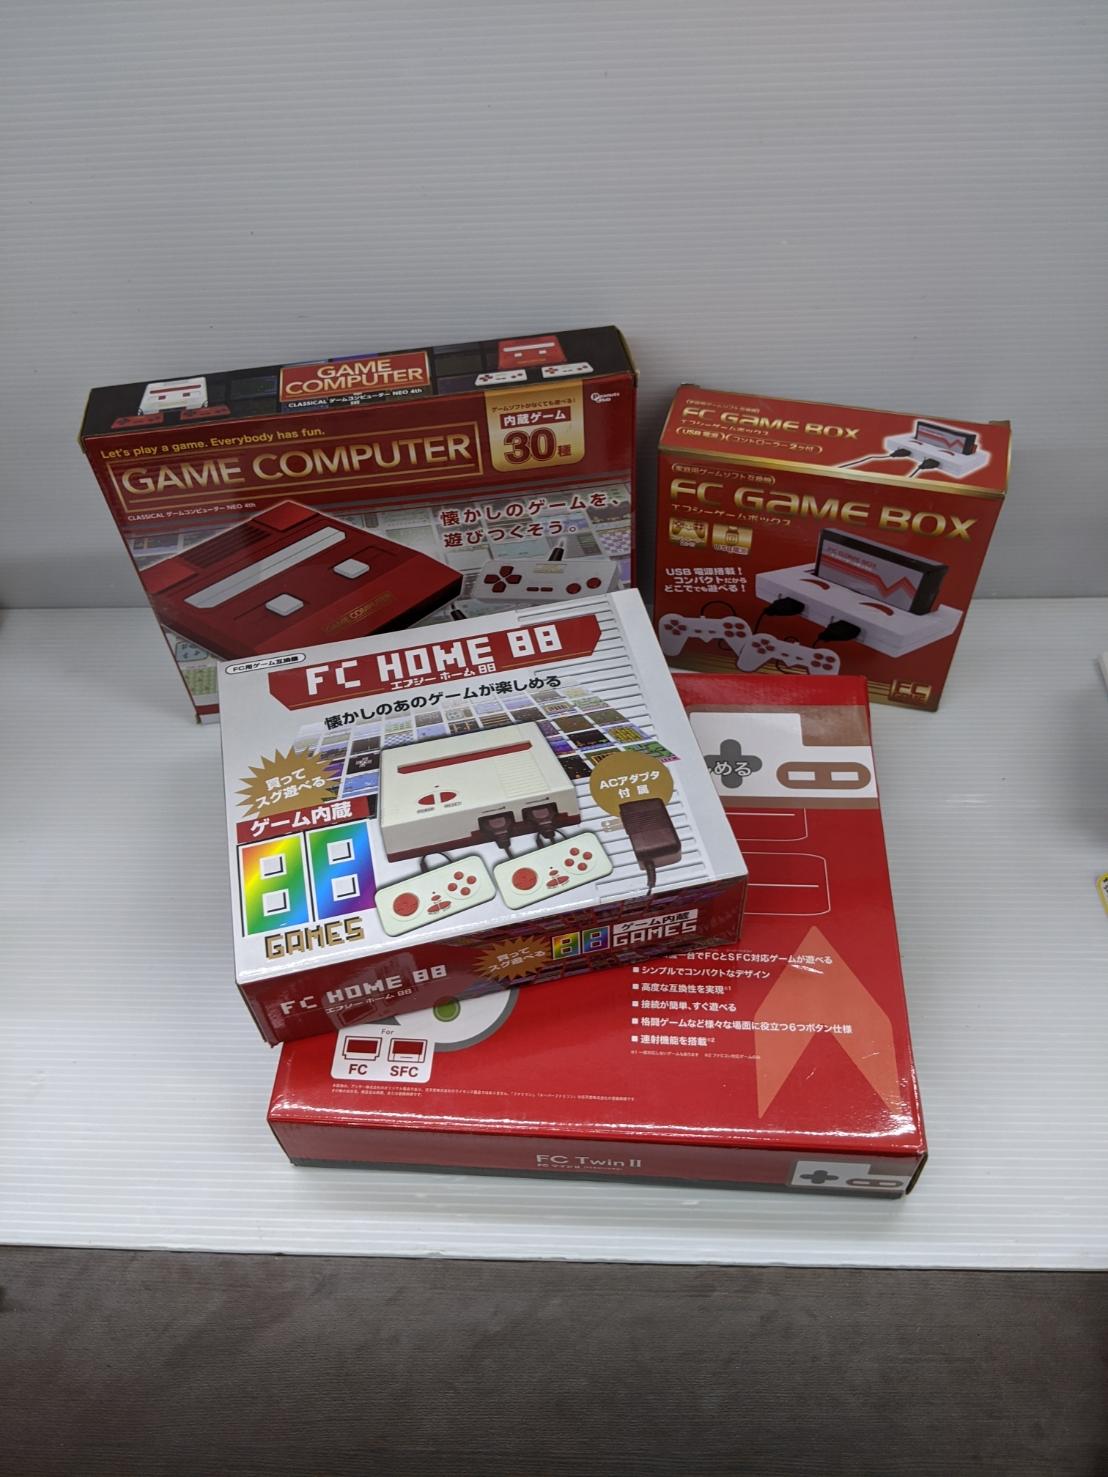 ファミコン、スーパーファミコン、懐かしゲームが遊べるゲーム機大量入荷!!の買取-